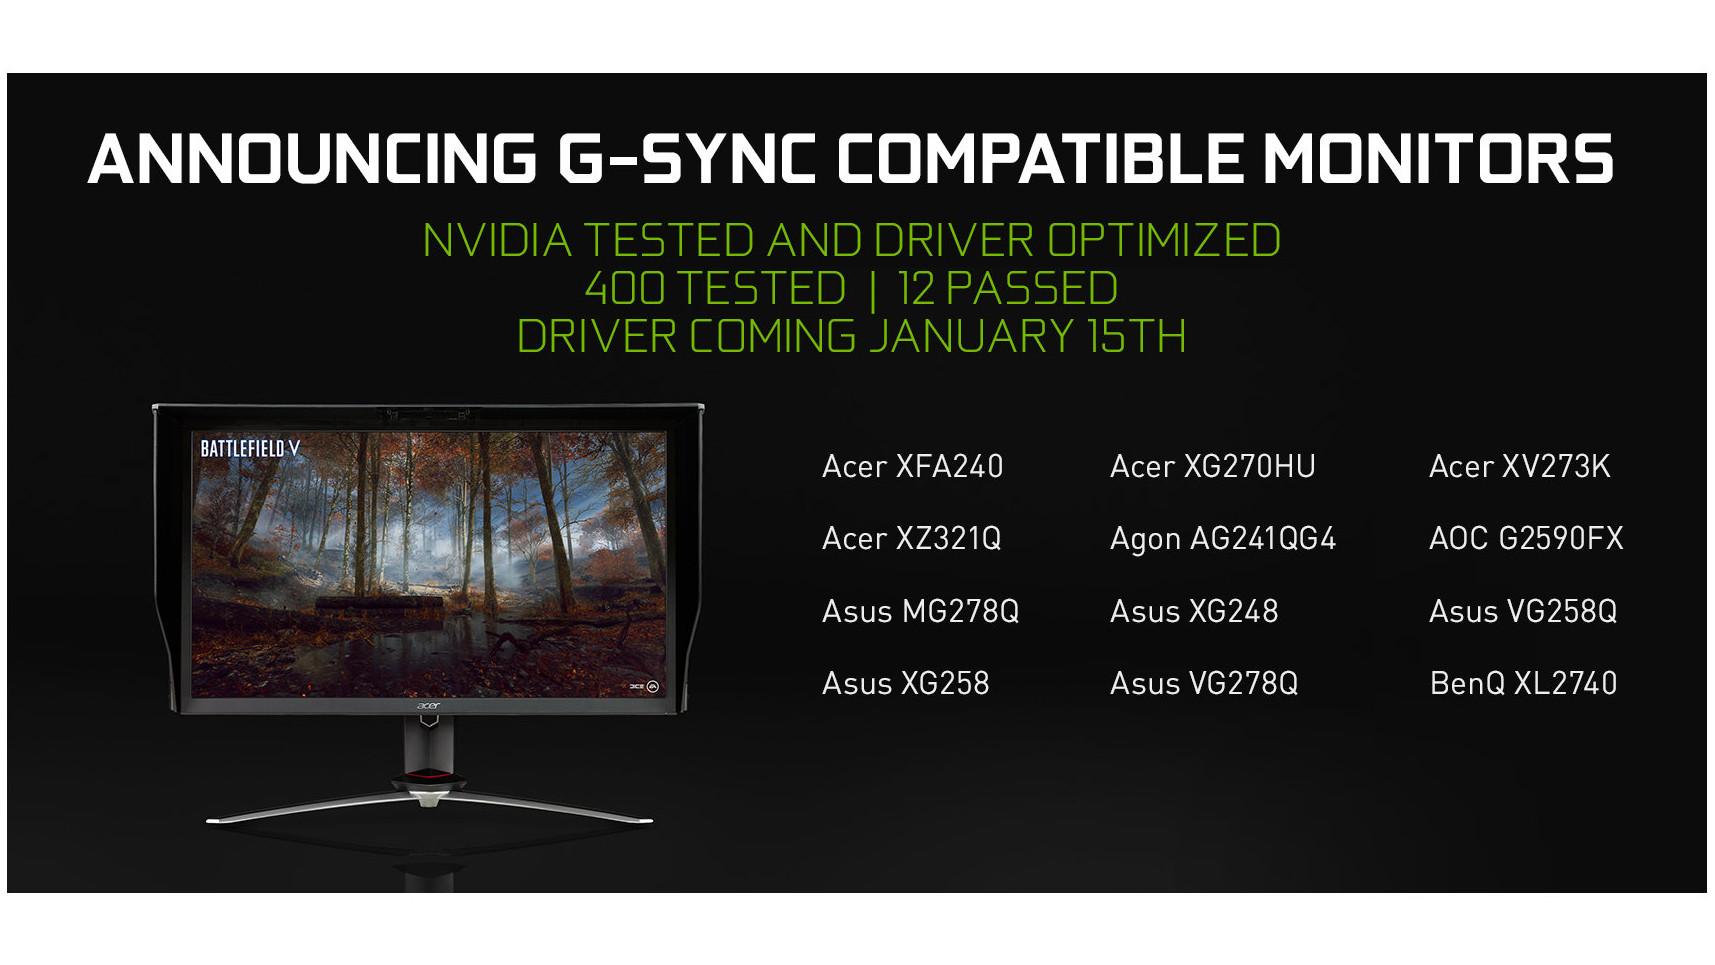 QnA VBage GeForce-Treiber 417.71 unterstützt GeForce RTX 2060 und FreeSync-Displays